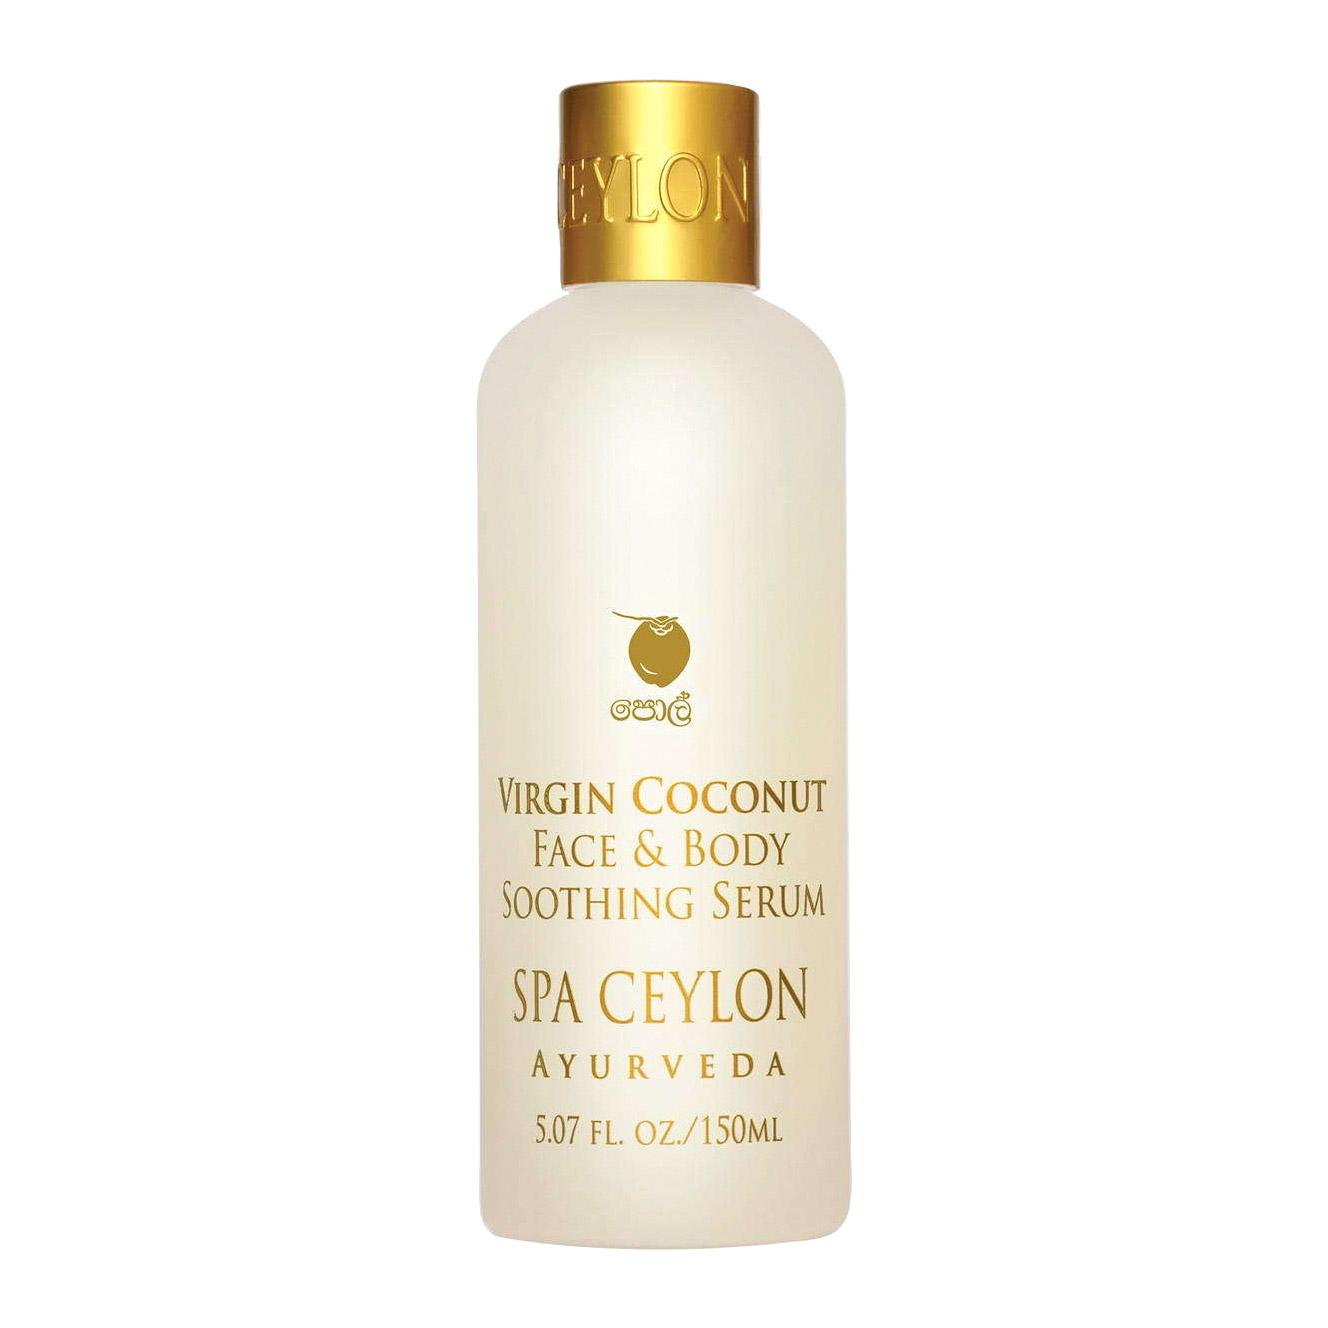 набор spa ceylon ayurveda spa Смягчающая сыворотка для лица и тела Spa Ceylon ЧИСТЫЙ КОКОС